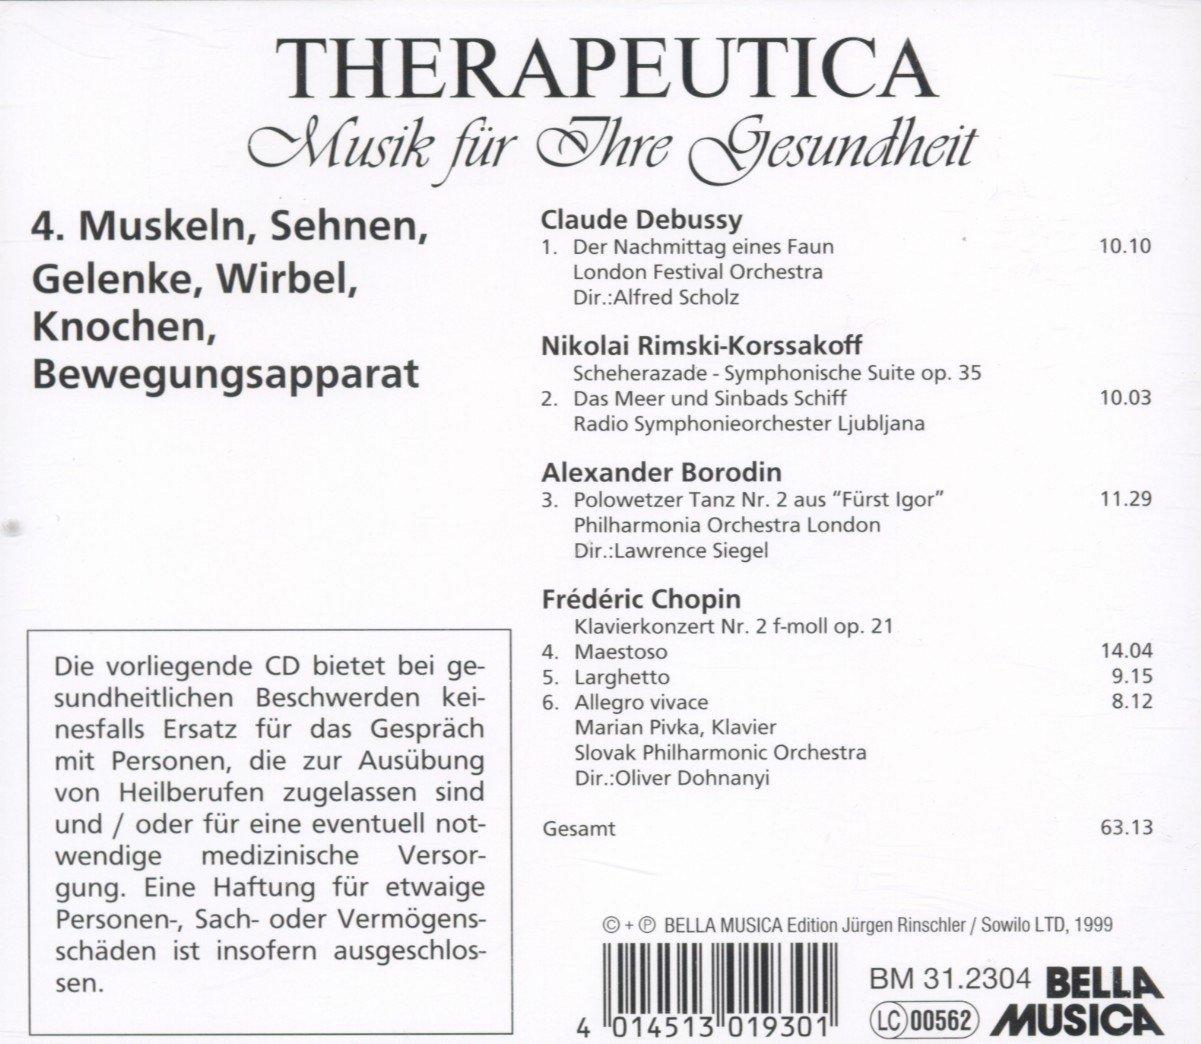 Therapeutica - Musik für Ihre Gesundheit - Vol. 4 (Muskeln, Sehnen ...